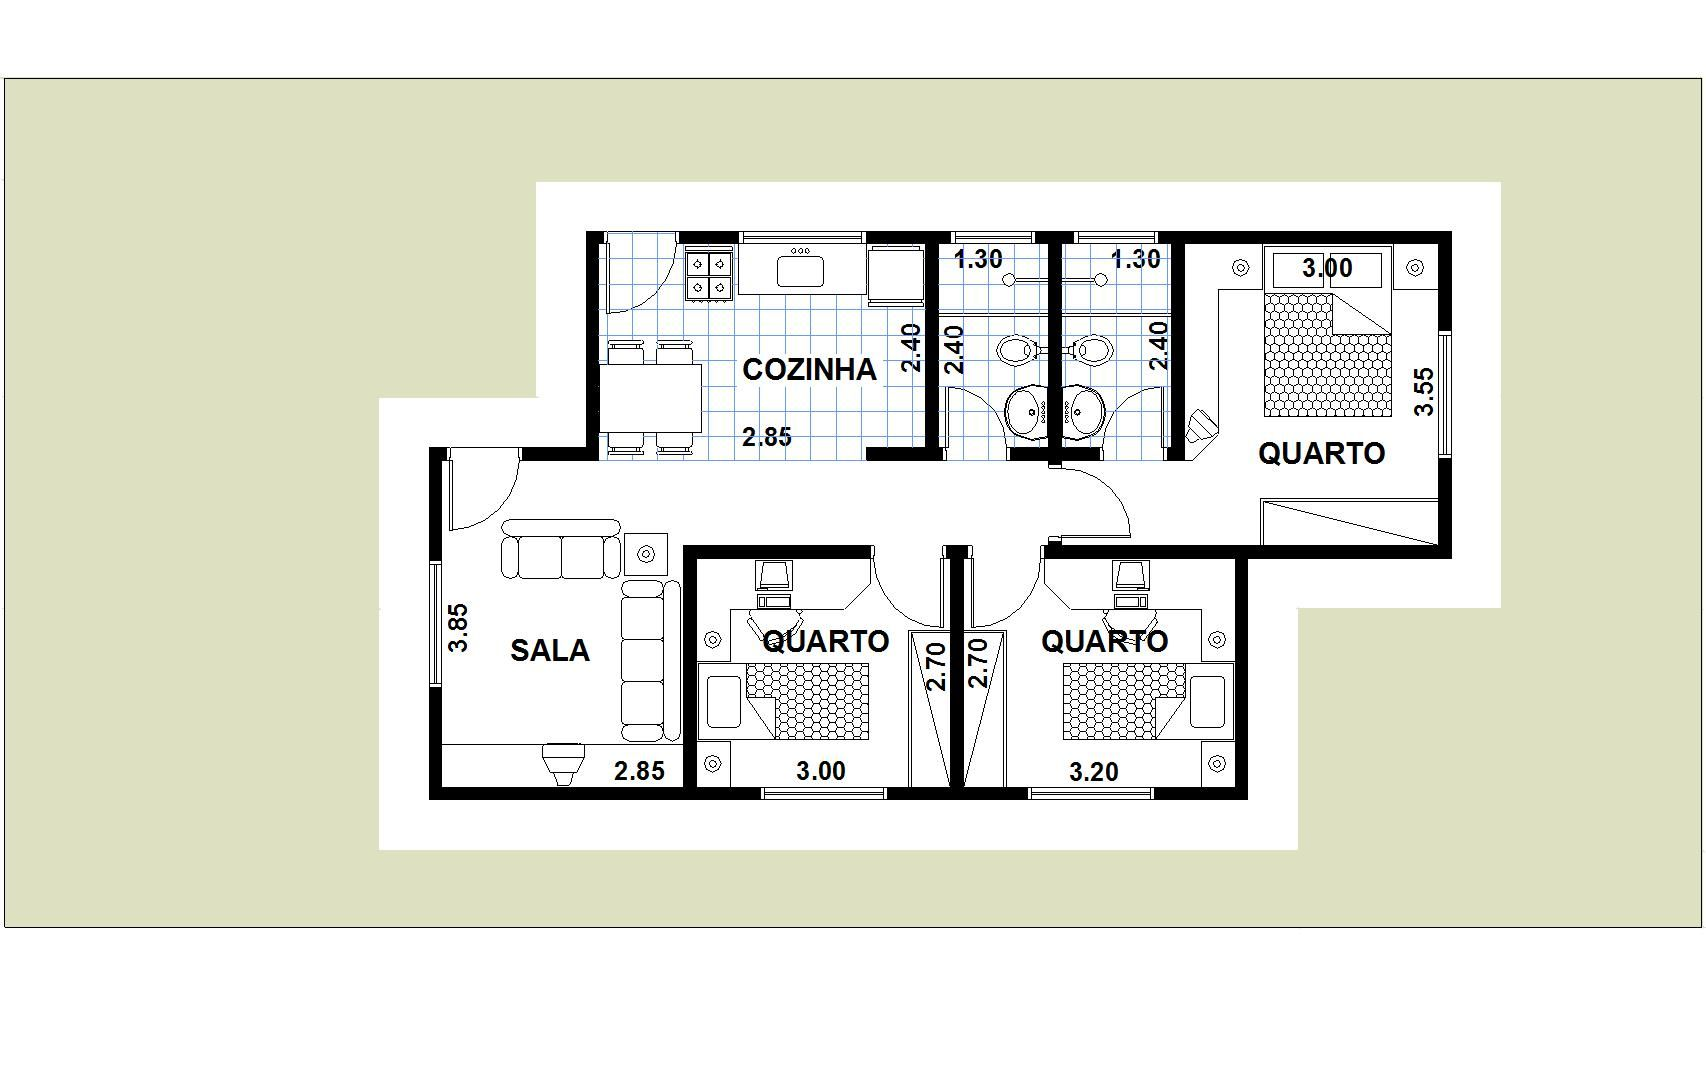 Resultado De Imagem Para Planta De Casa Simples Com Sala Cozinha E